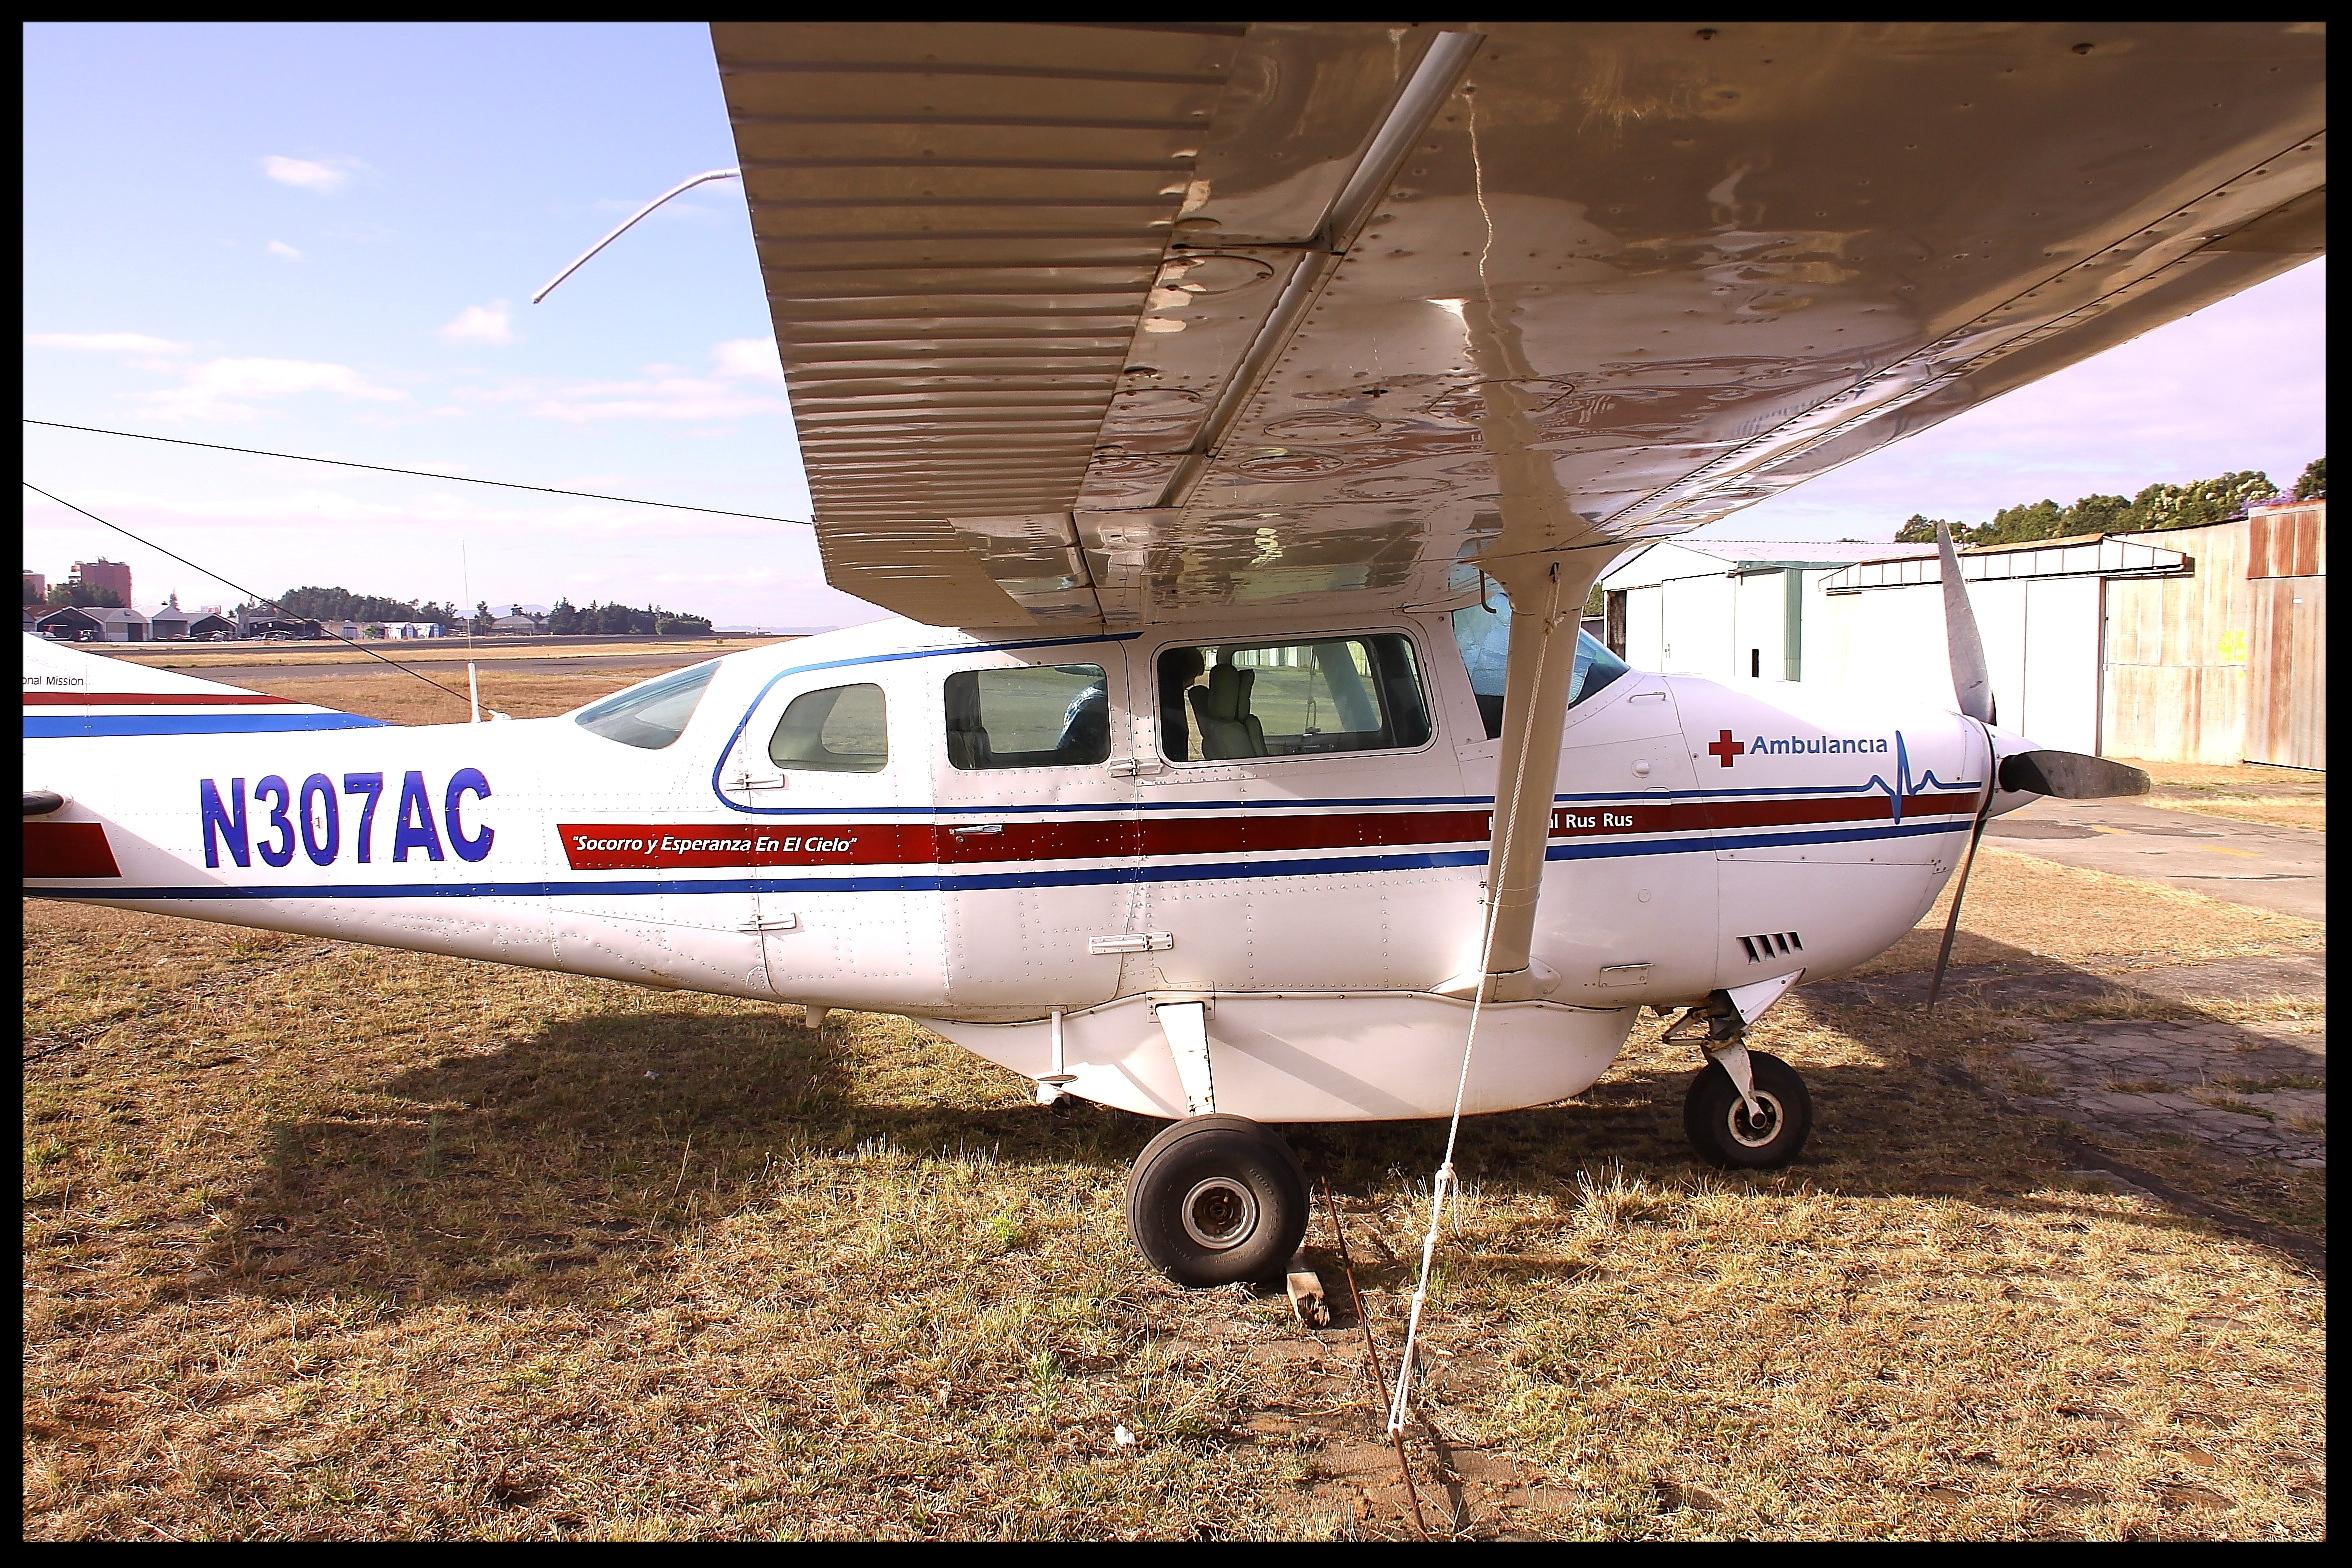 SeanWestley air ambulance001.JPG